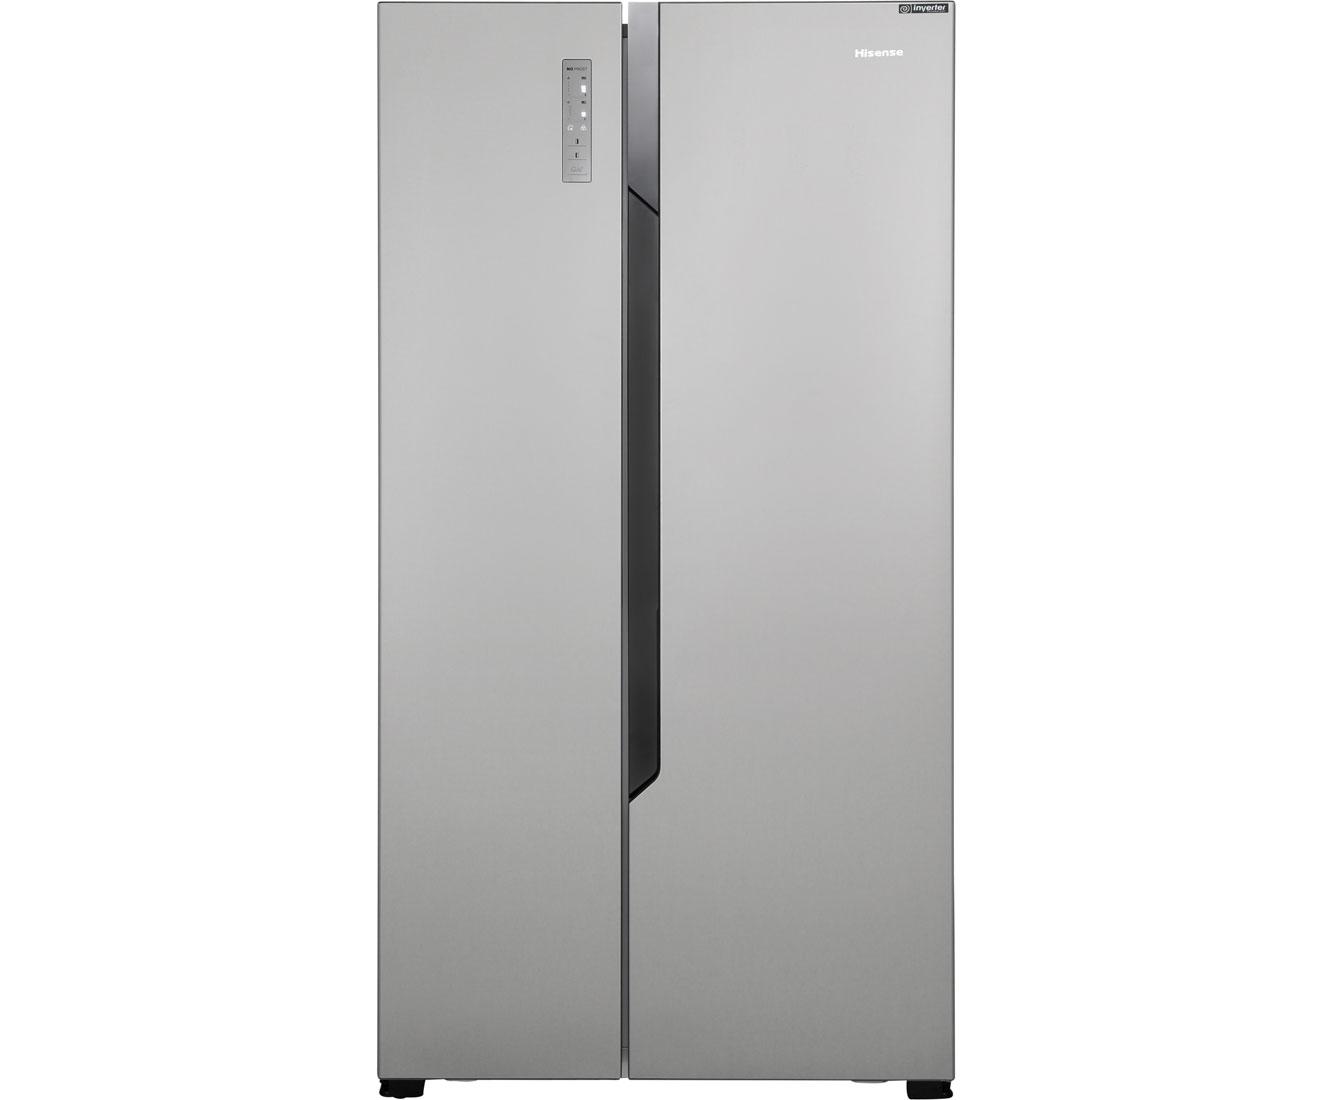 Amerikanischer Kühlschrank Blau : Hisense rs n bc amerikanischer side by side l edelstahl